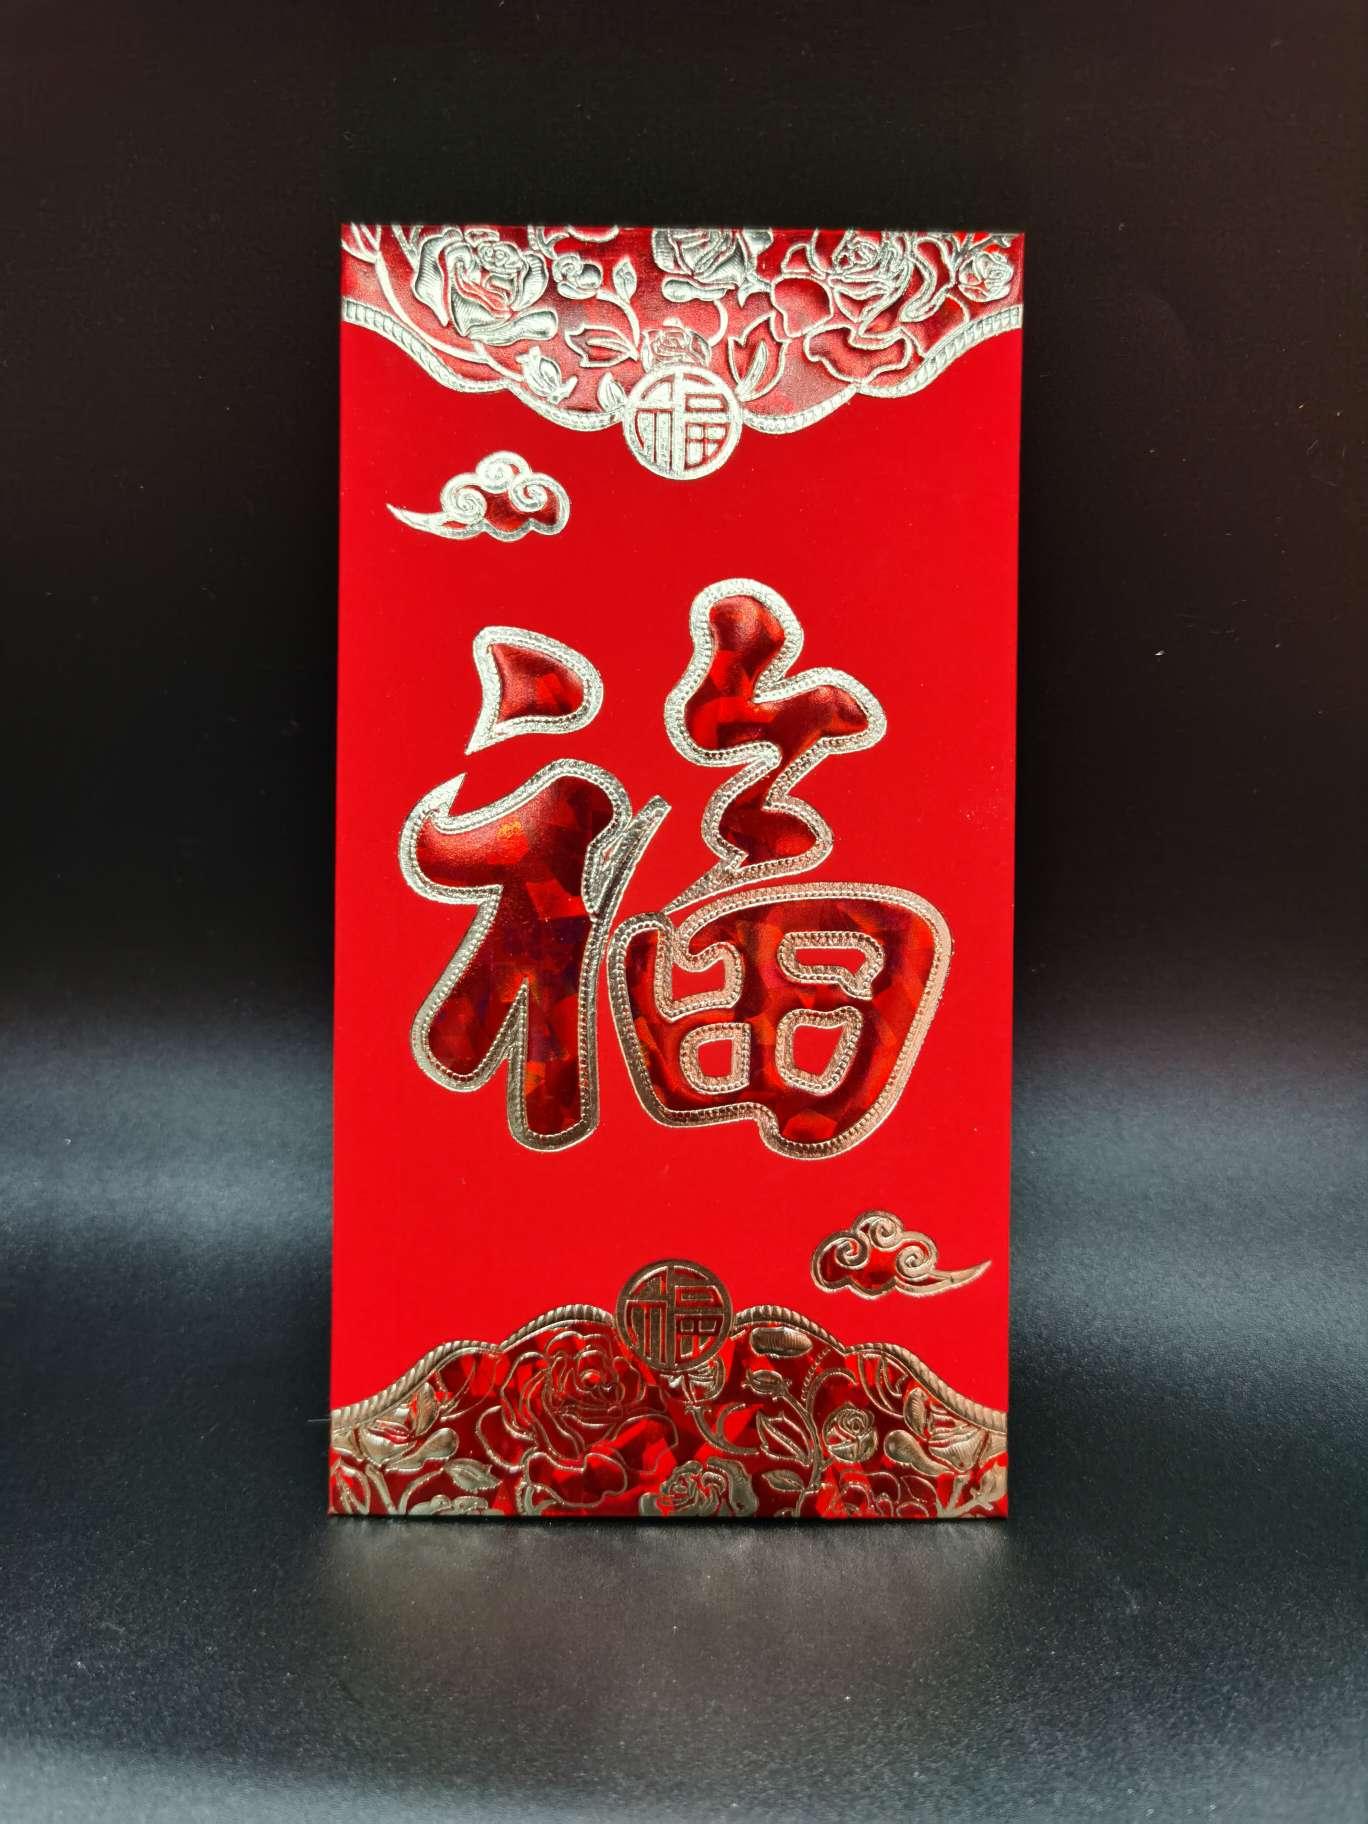 厂价批发2020新款红包婚礼红包个性创意利是封新年婚礼春节回礼红包袋批发S16